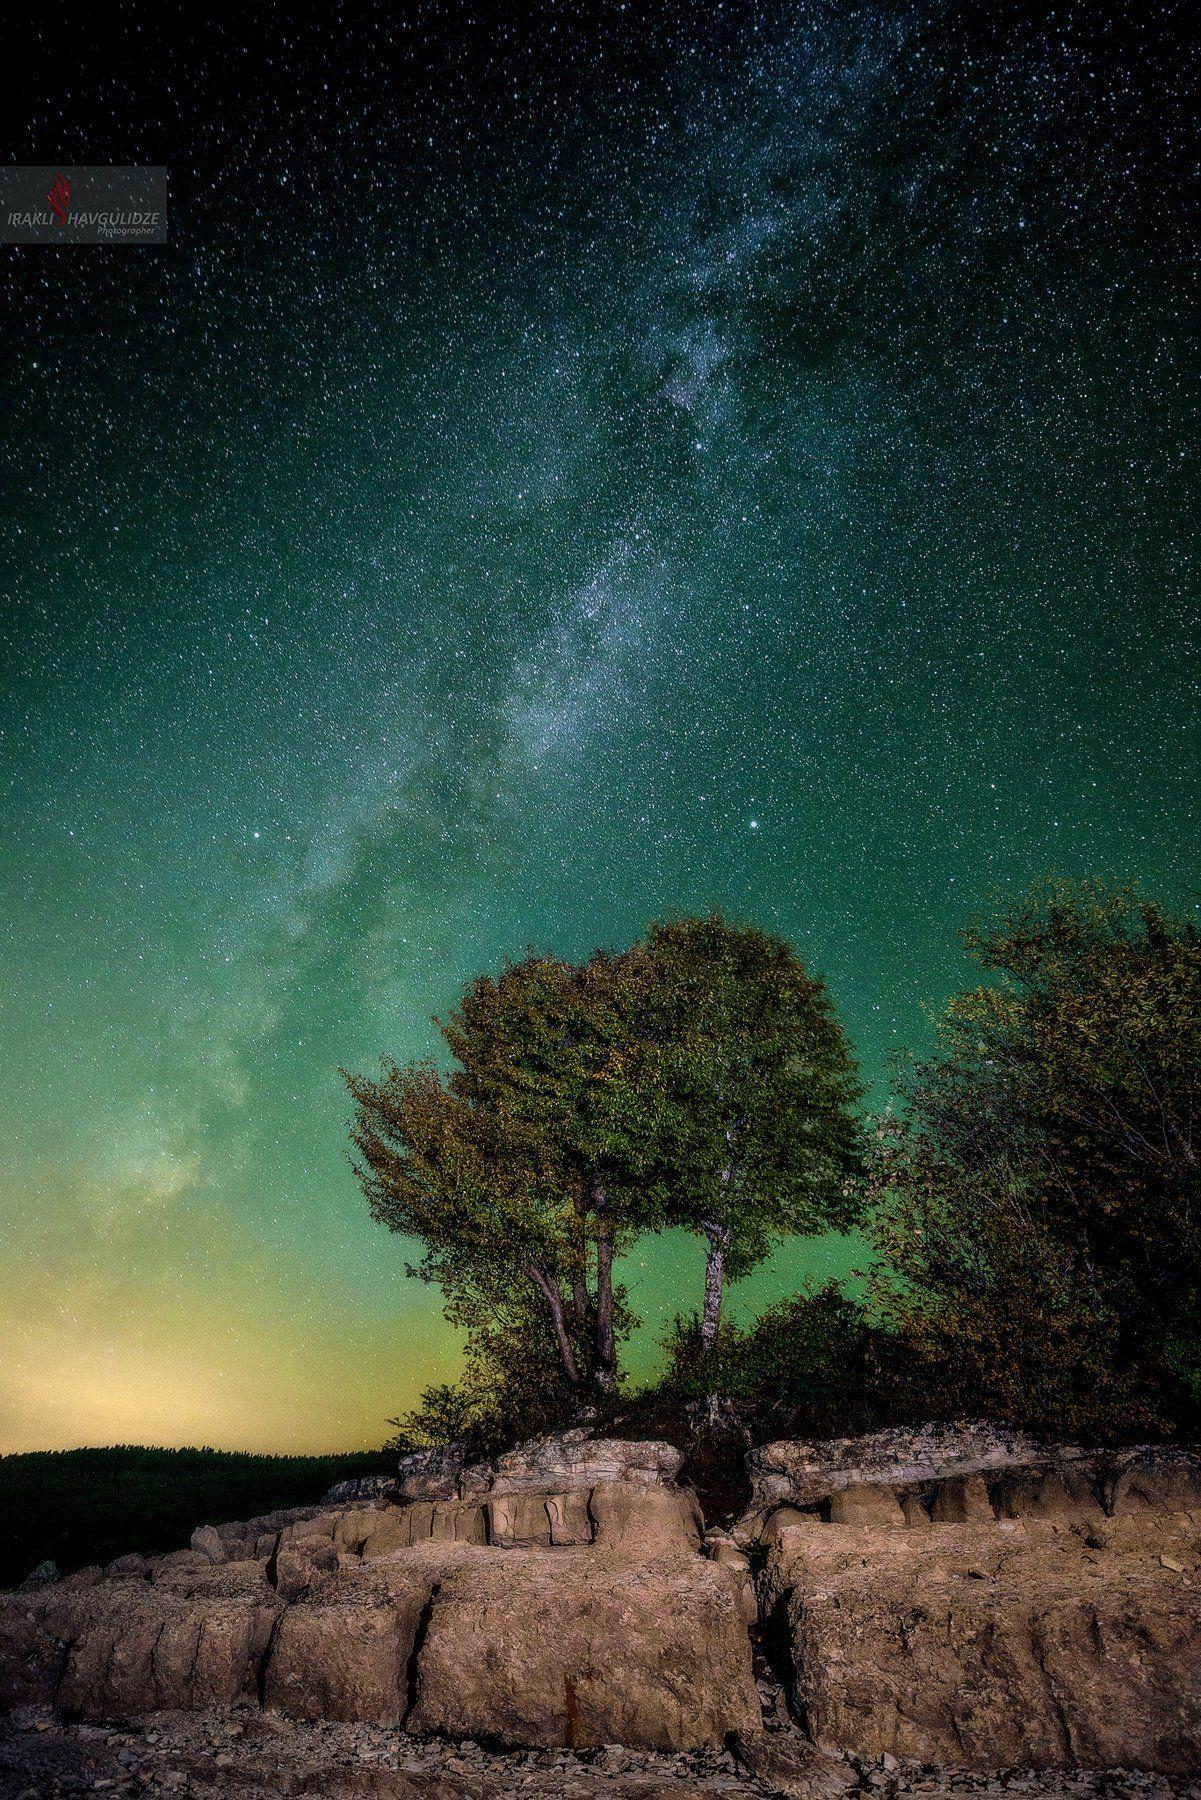 Грузия, Млечныйпуть, Астрофотография, Дерево, Звезды, Осень, Ираклий Шавгулидзе